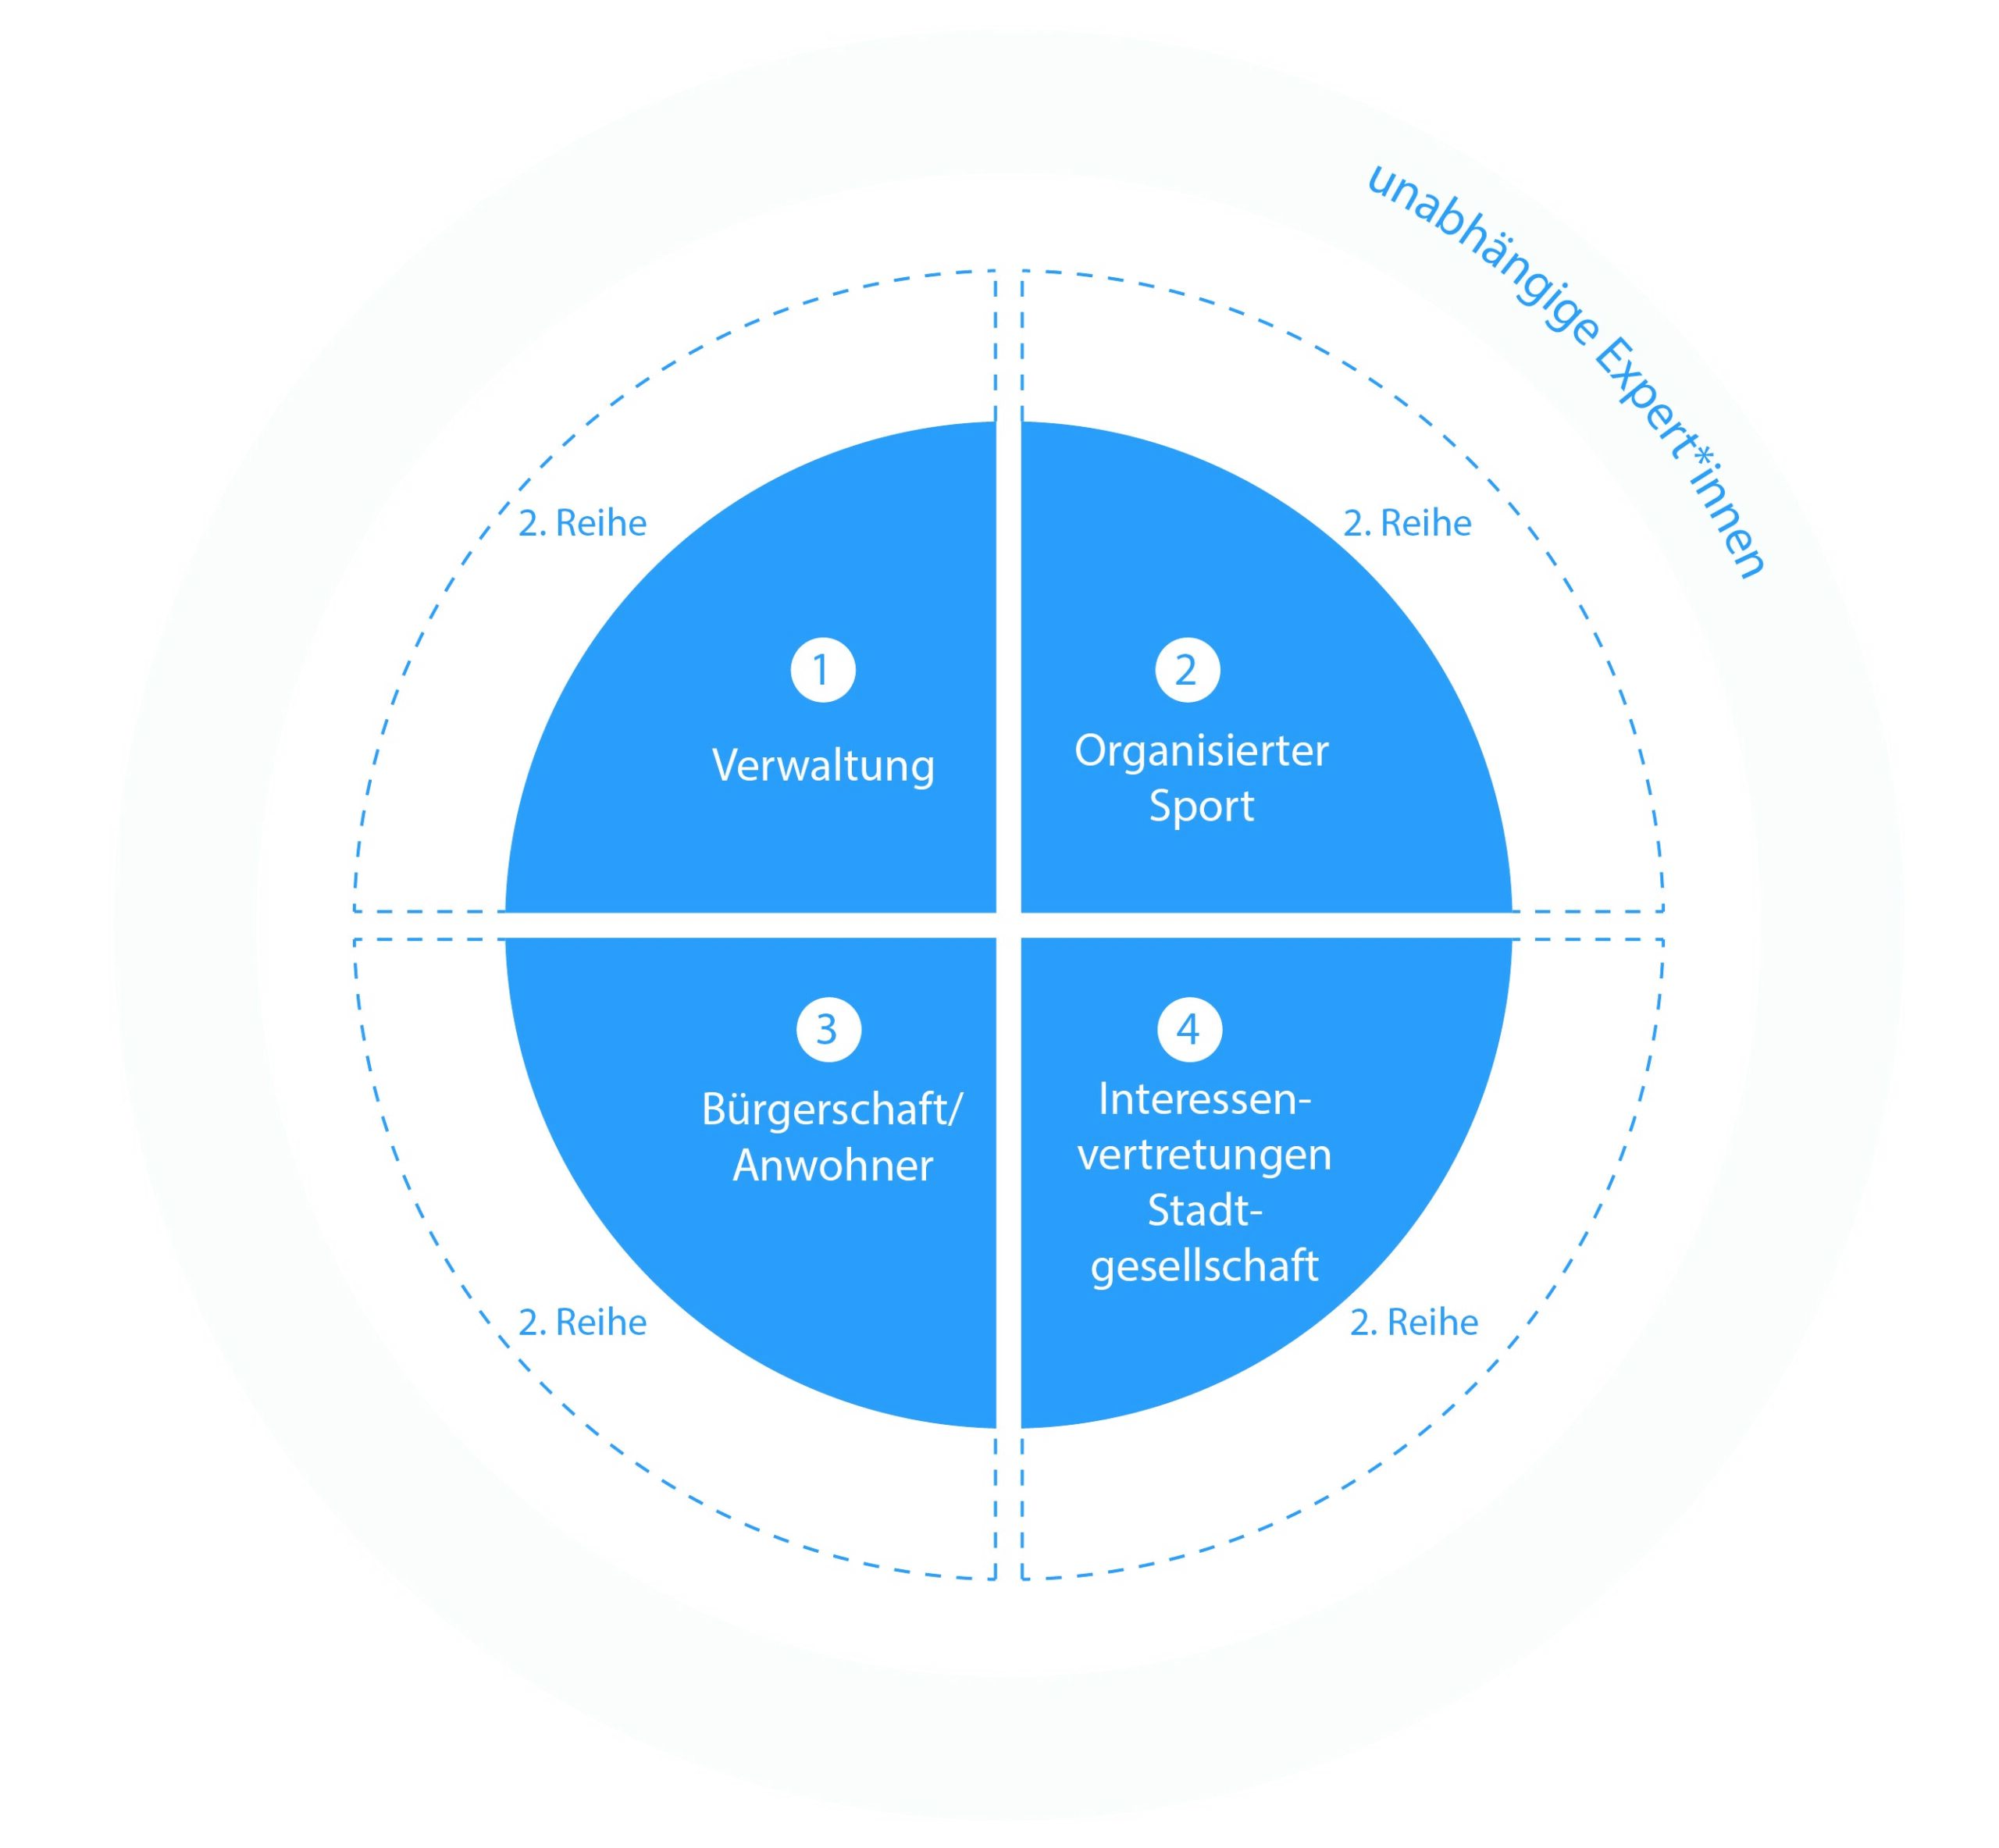 Schema der Zusammensetzung der Projektgruppe